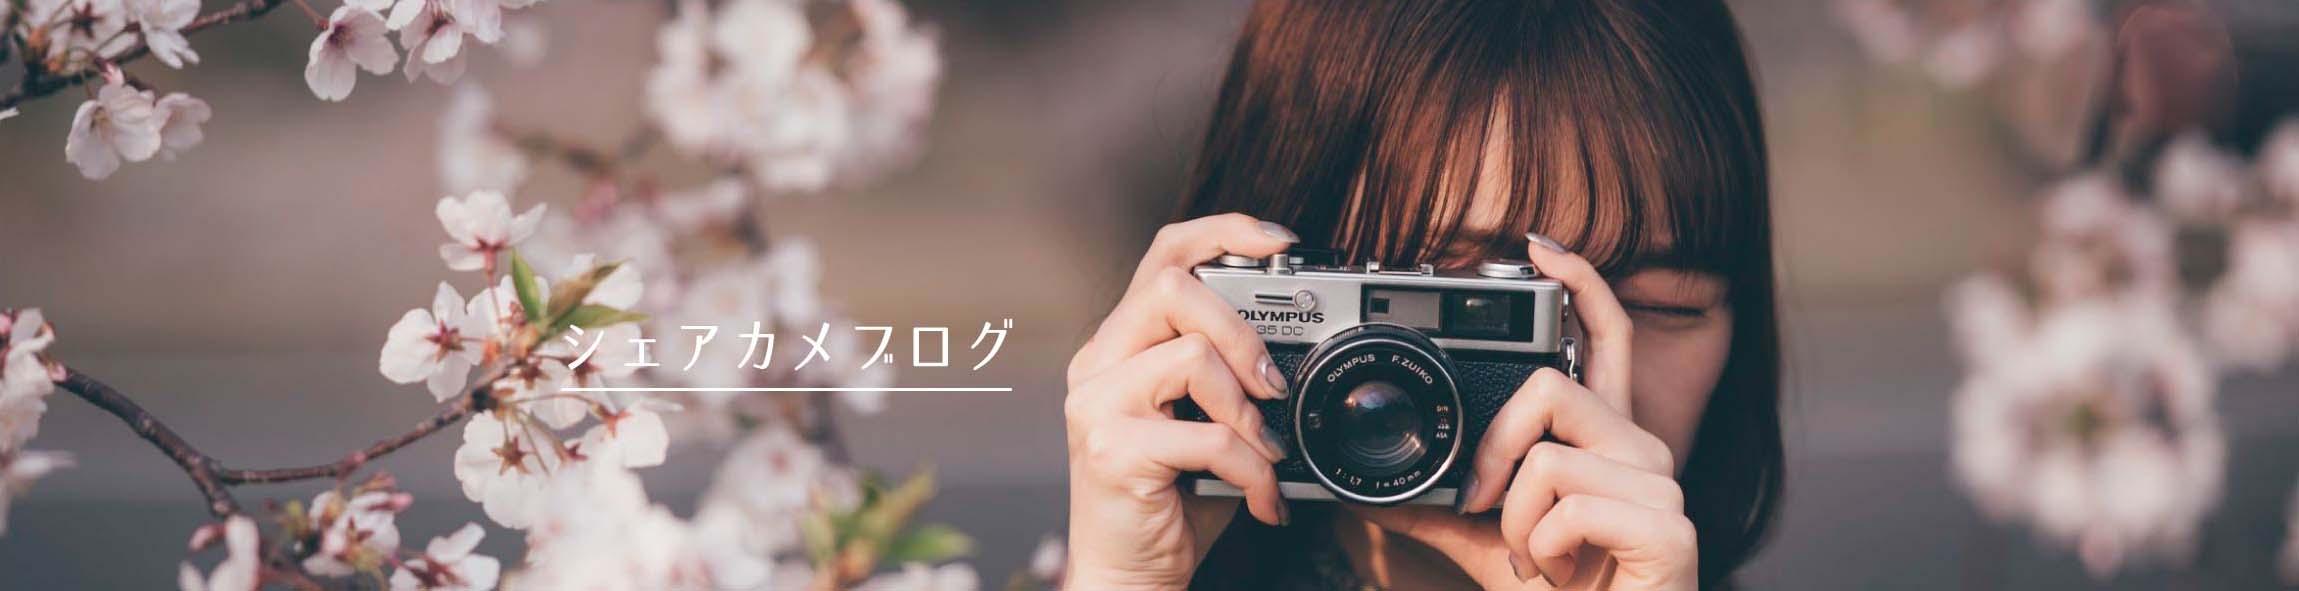 シェアカメブログ